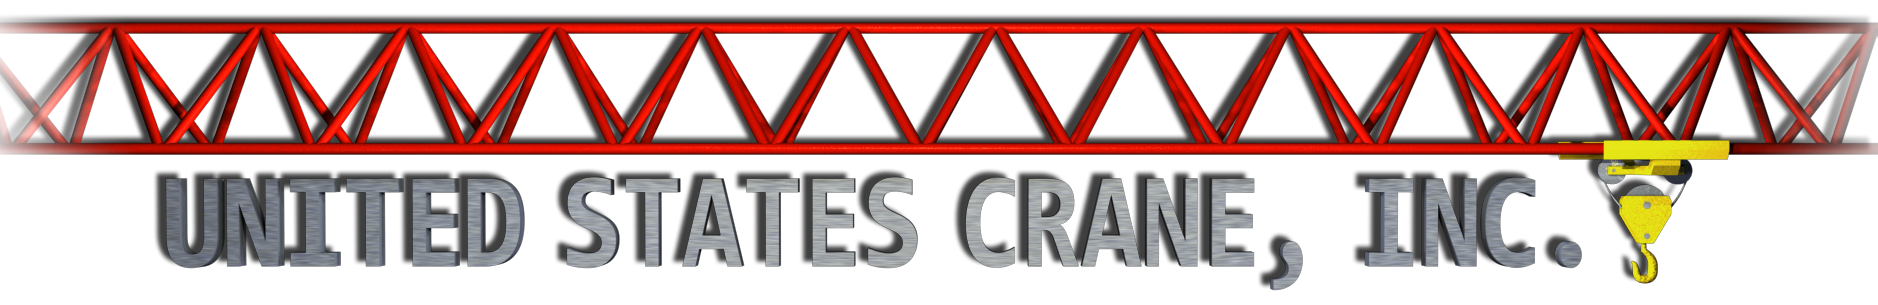 United States Crane, Inc.